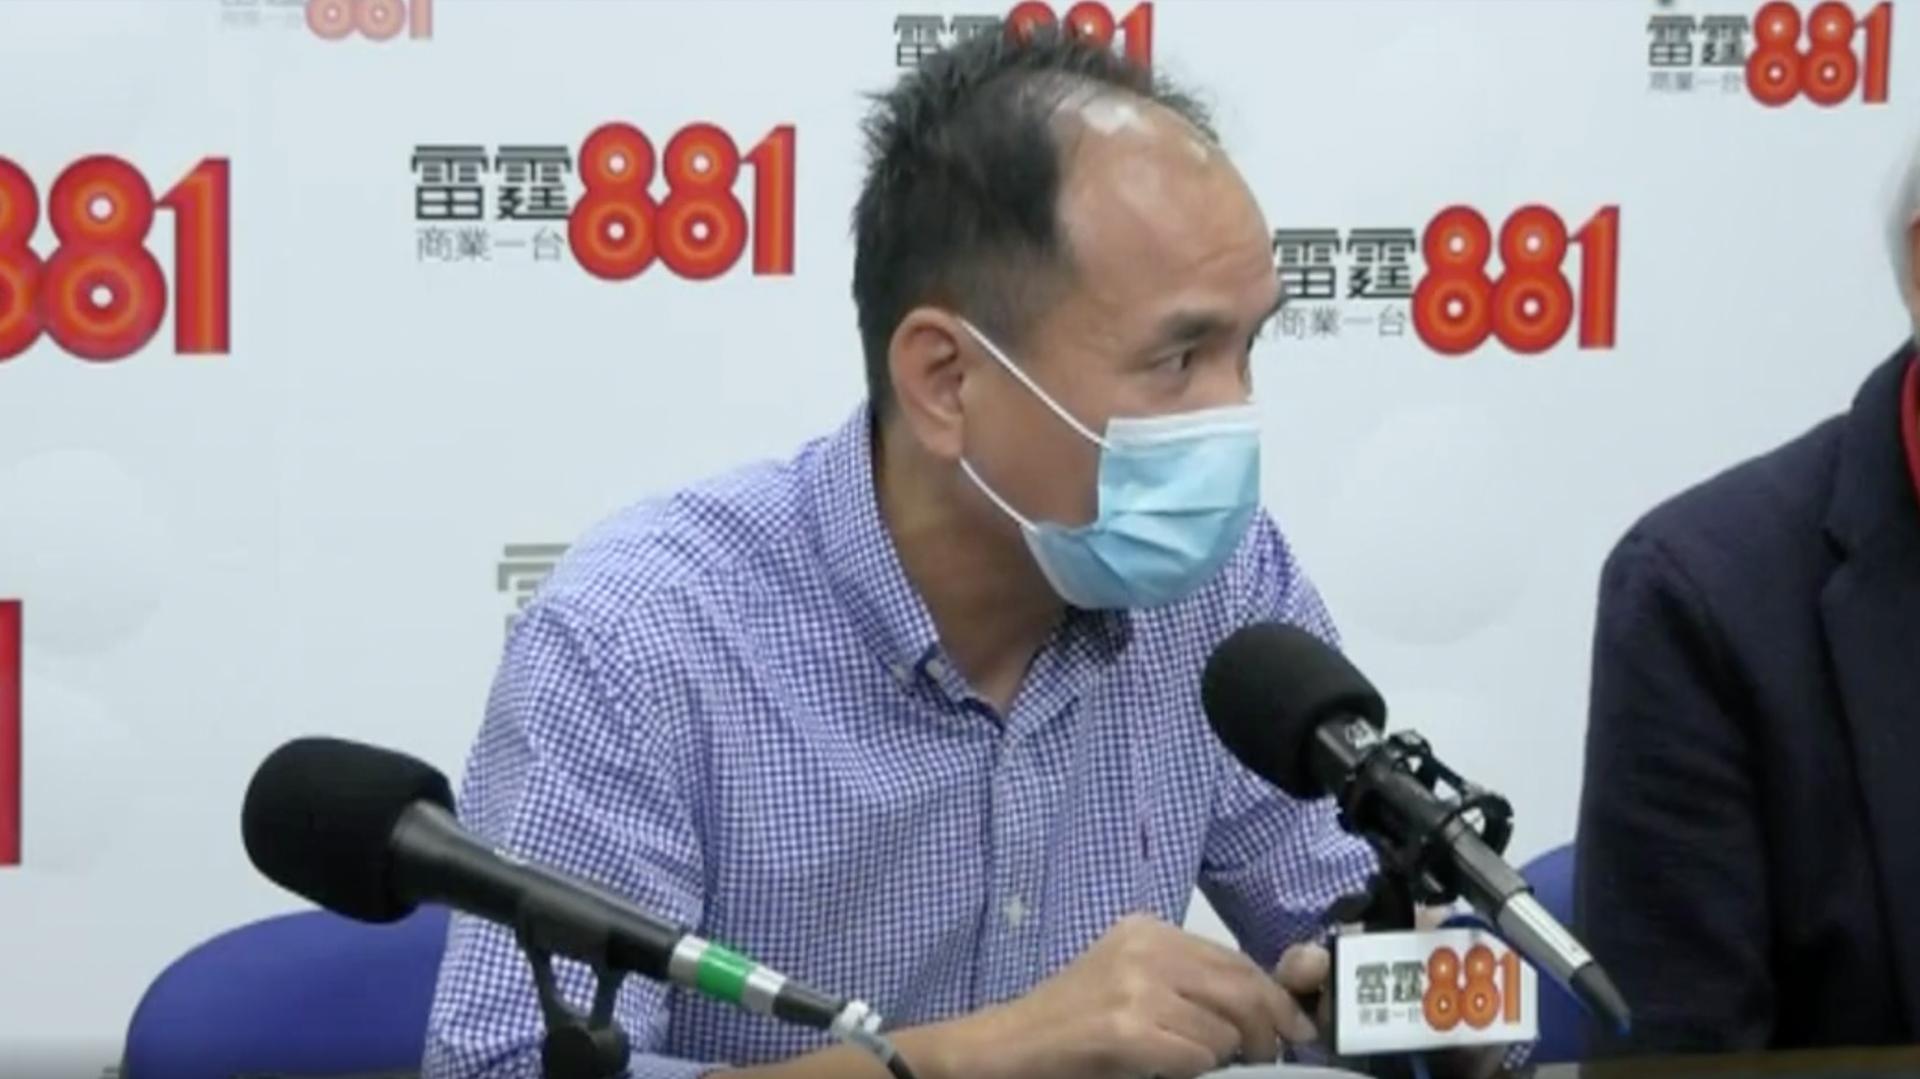 的士車主協會籲政府盡快安排司機做病毒檢測